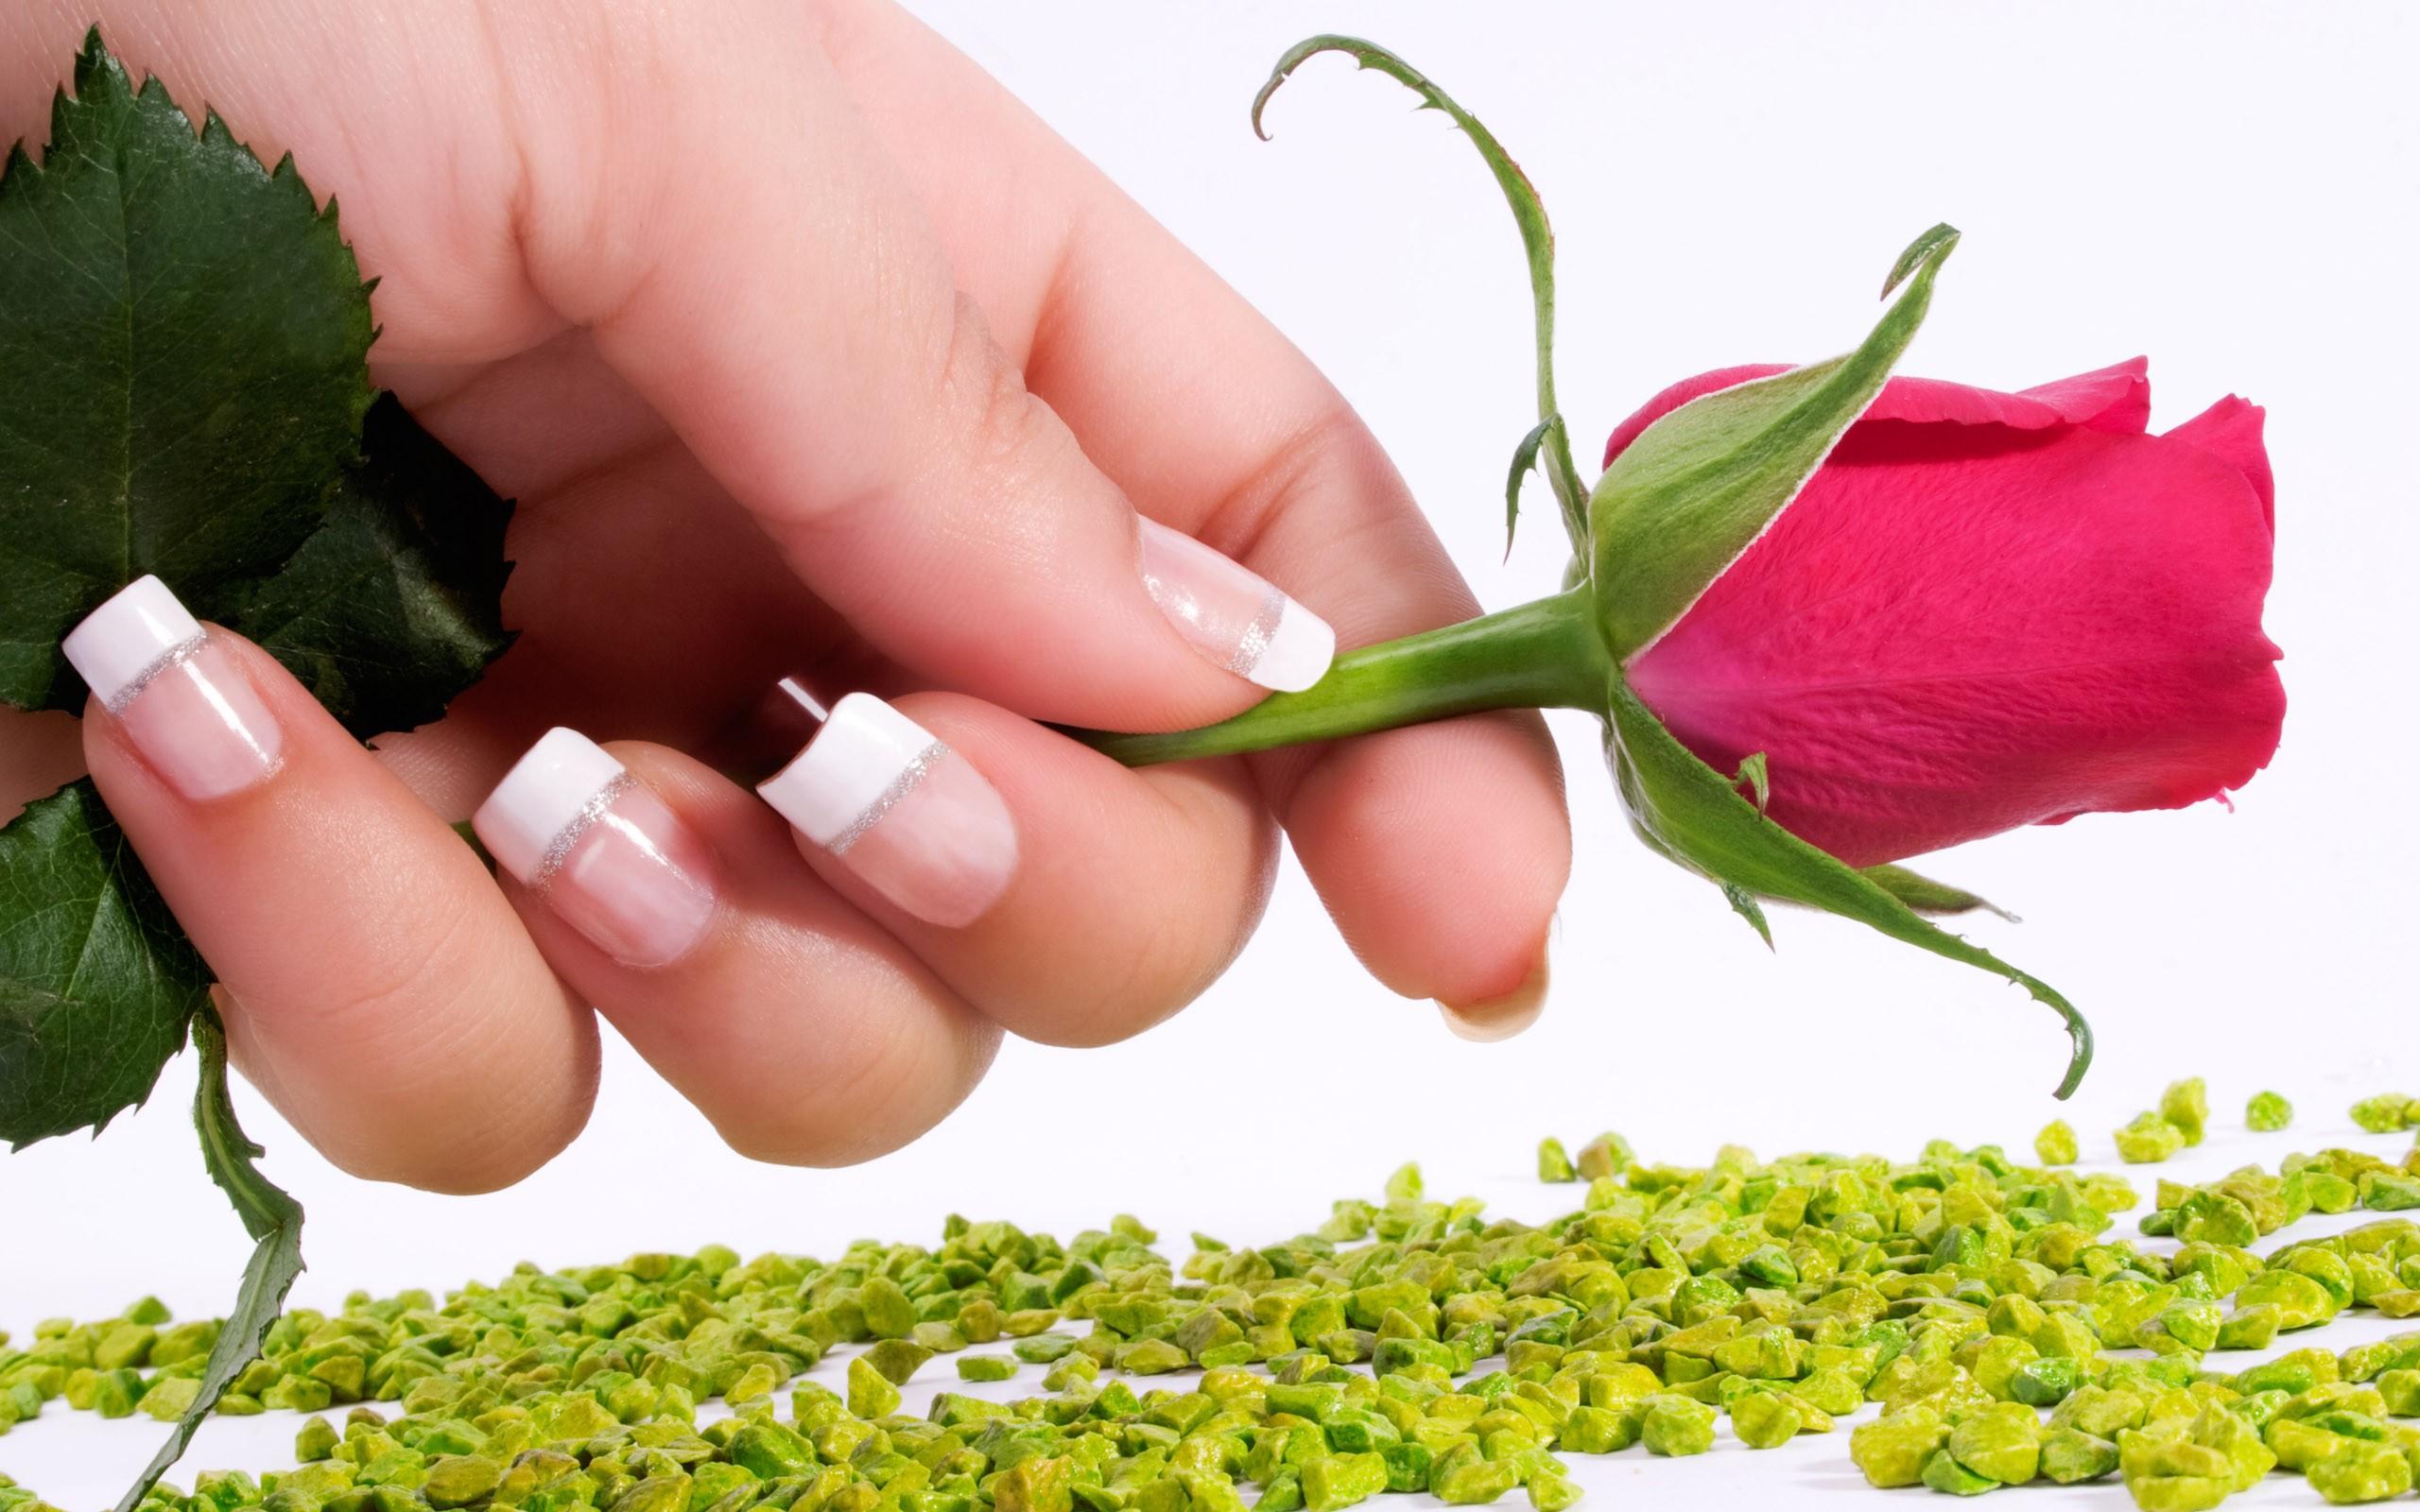 Una rosa y una mano - 2560x1600